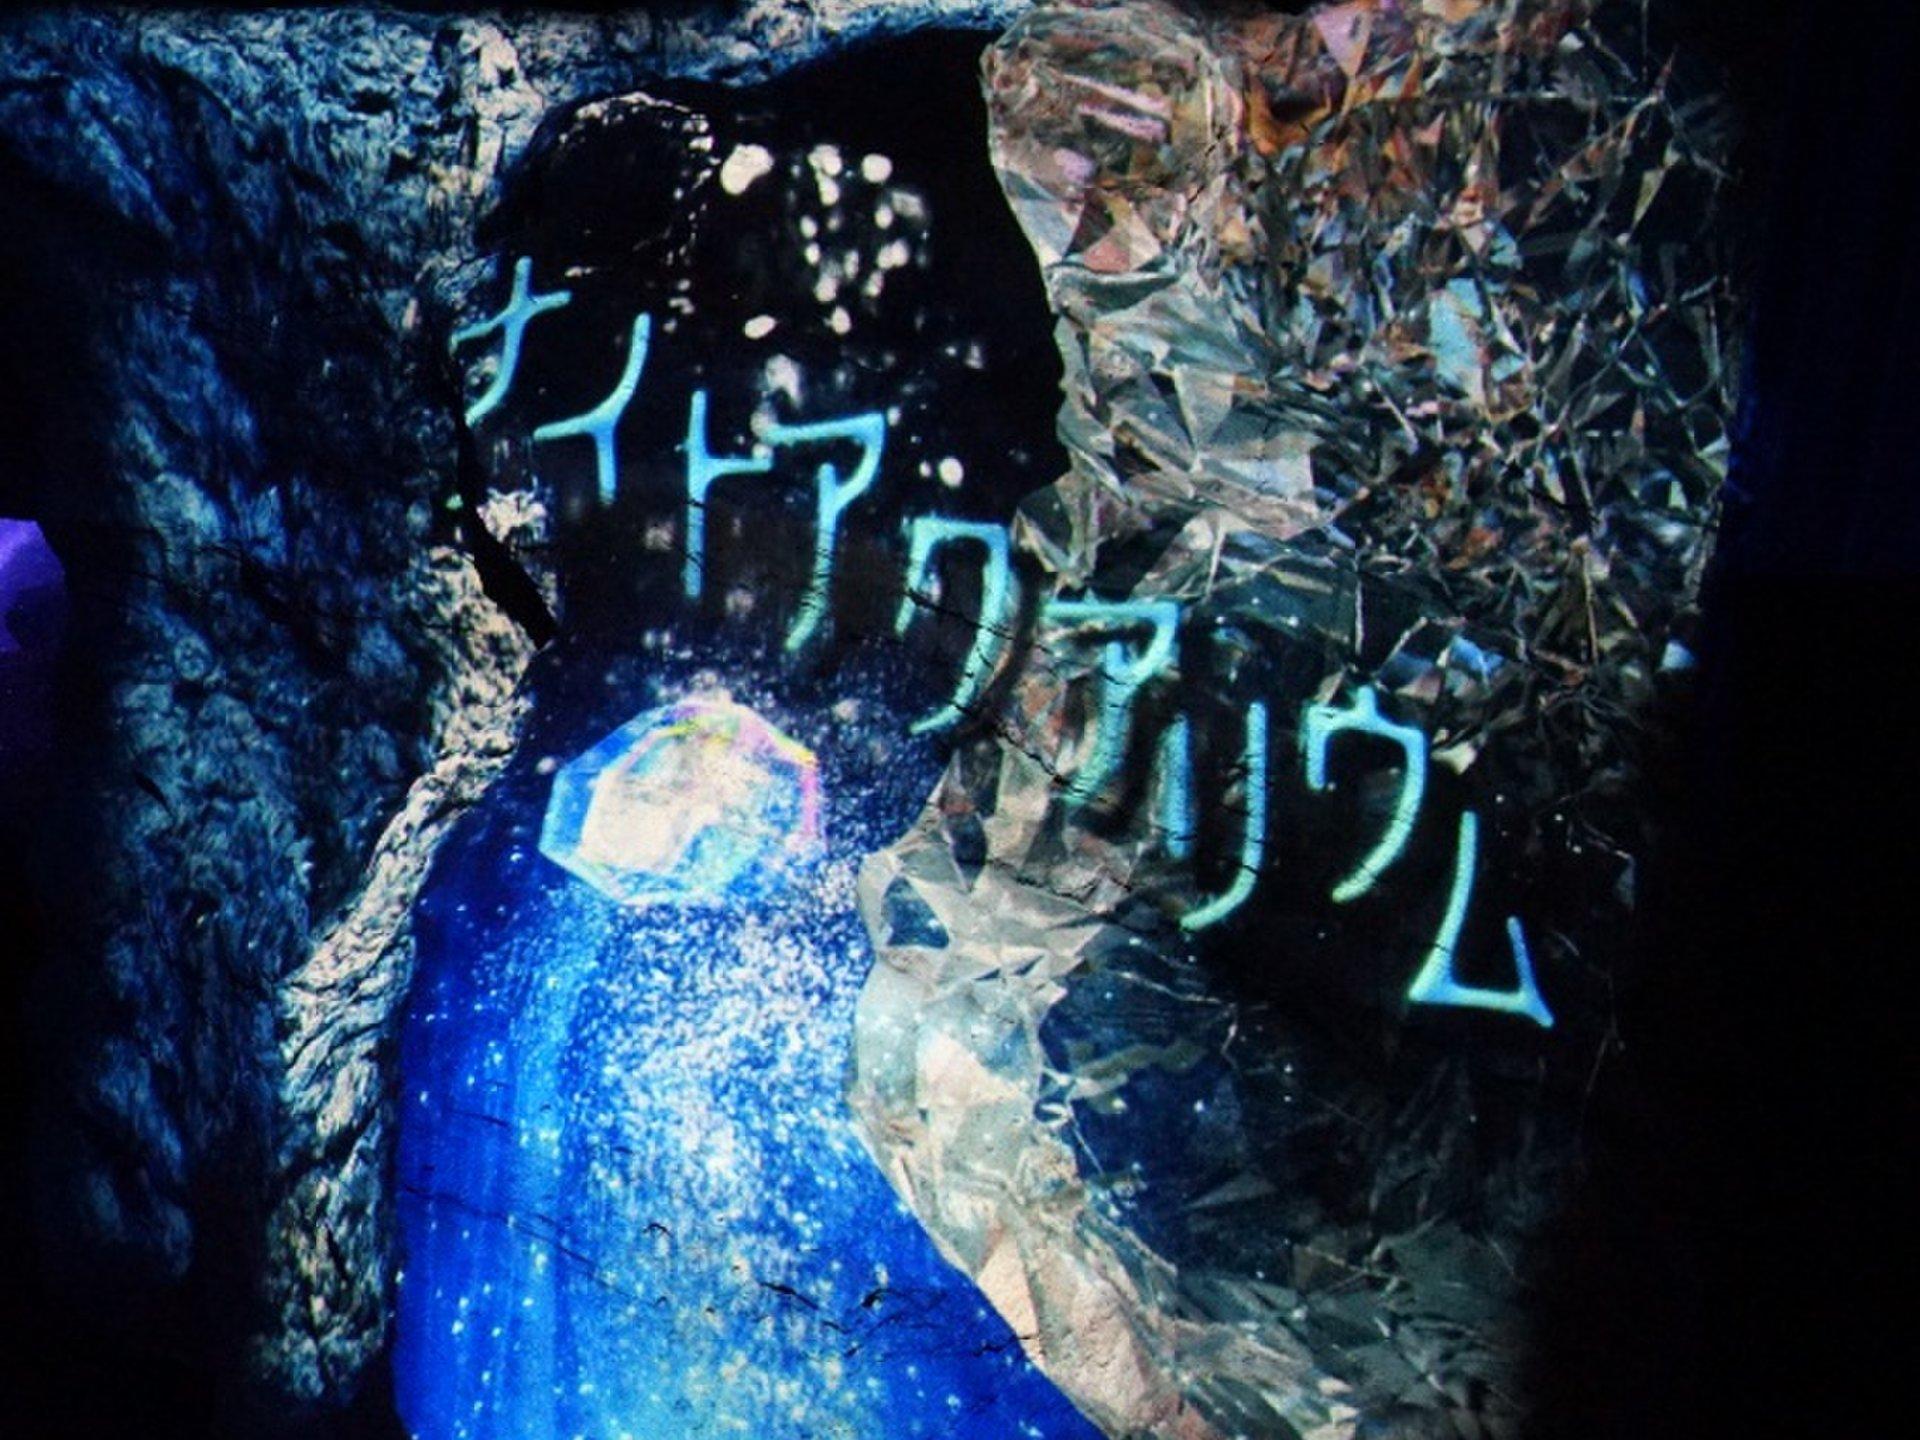 湘南デートはえのすいの「ナイトアクアリウム」が雰囲気バツグン!いつもとは違いロマンチック!!